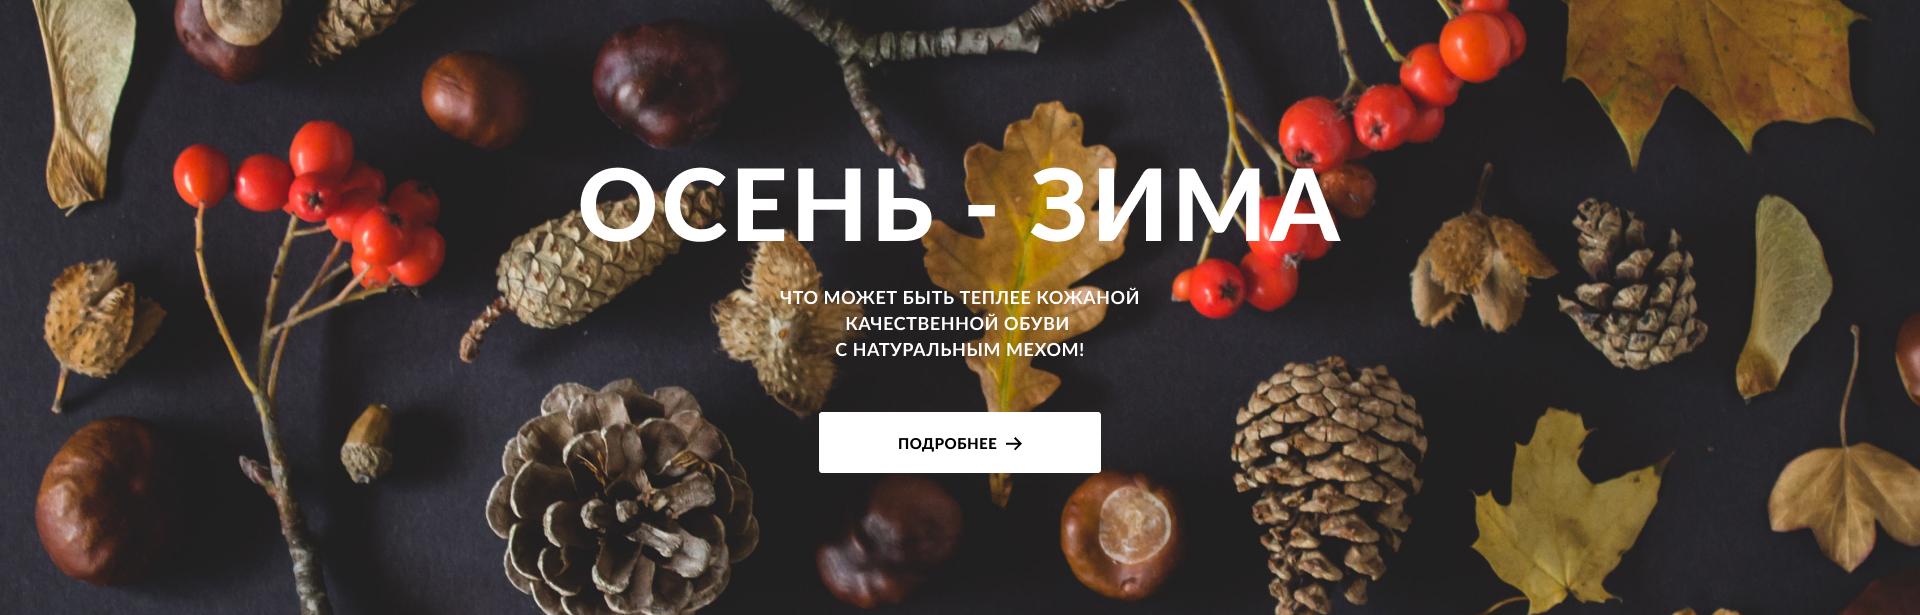 Зима-Осень